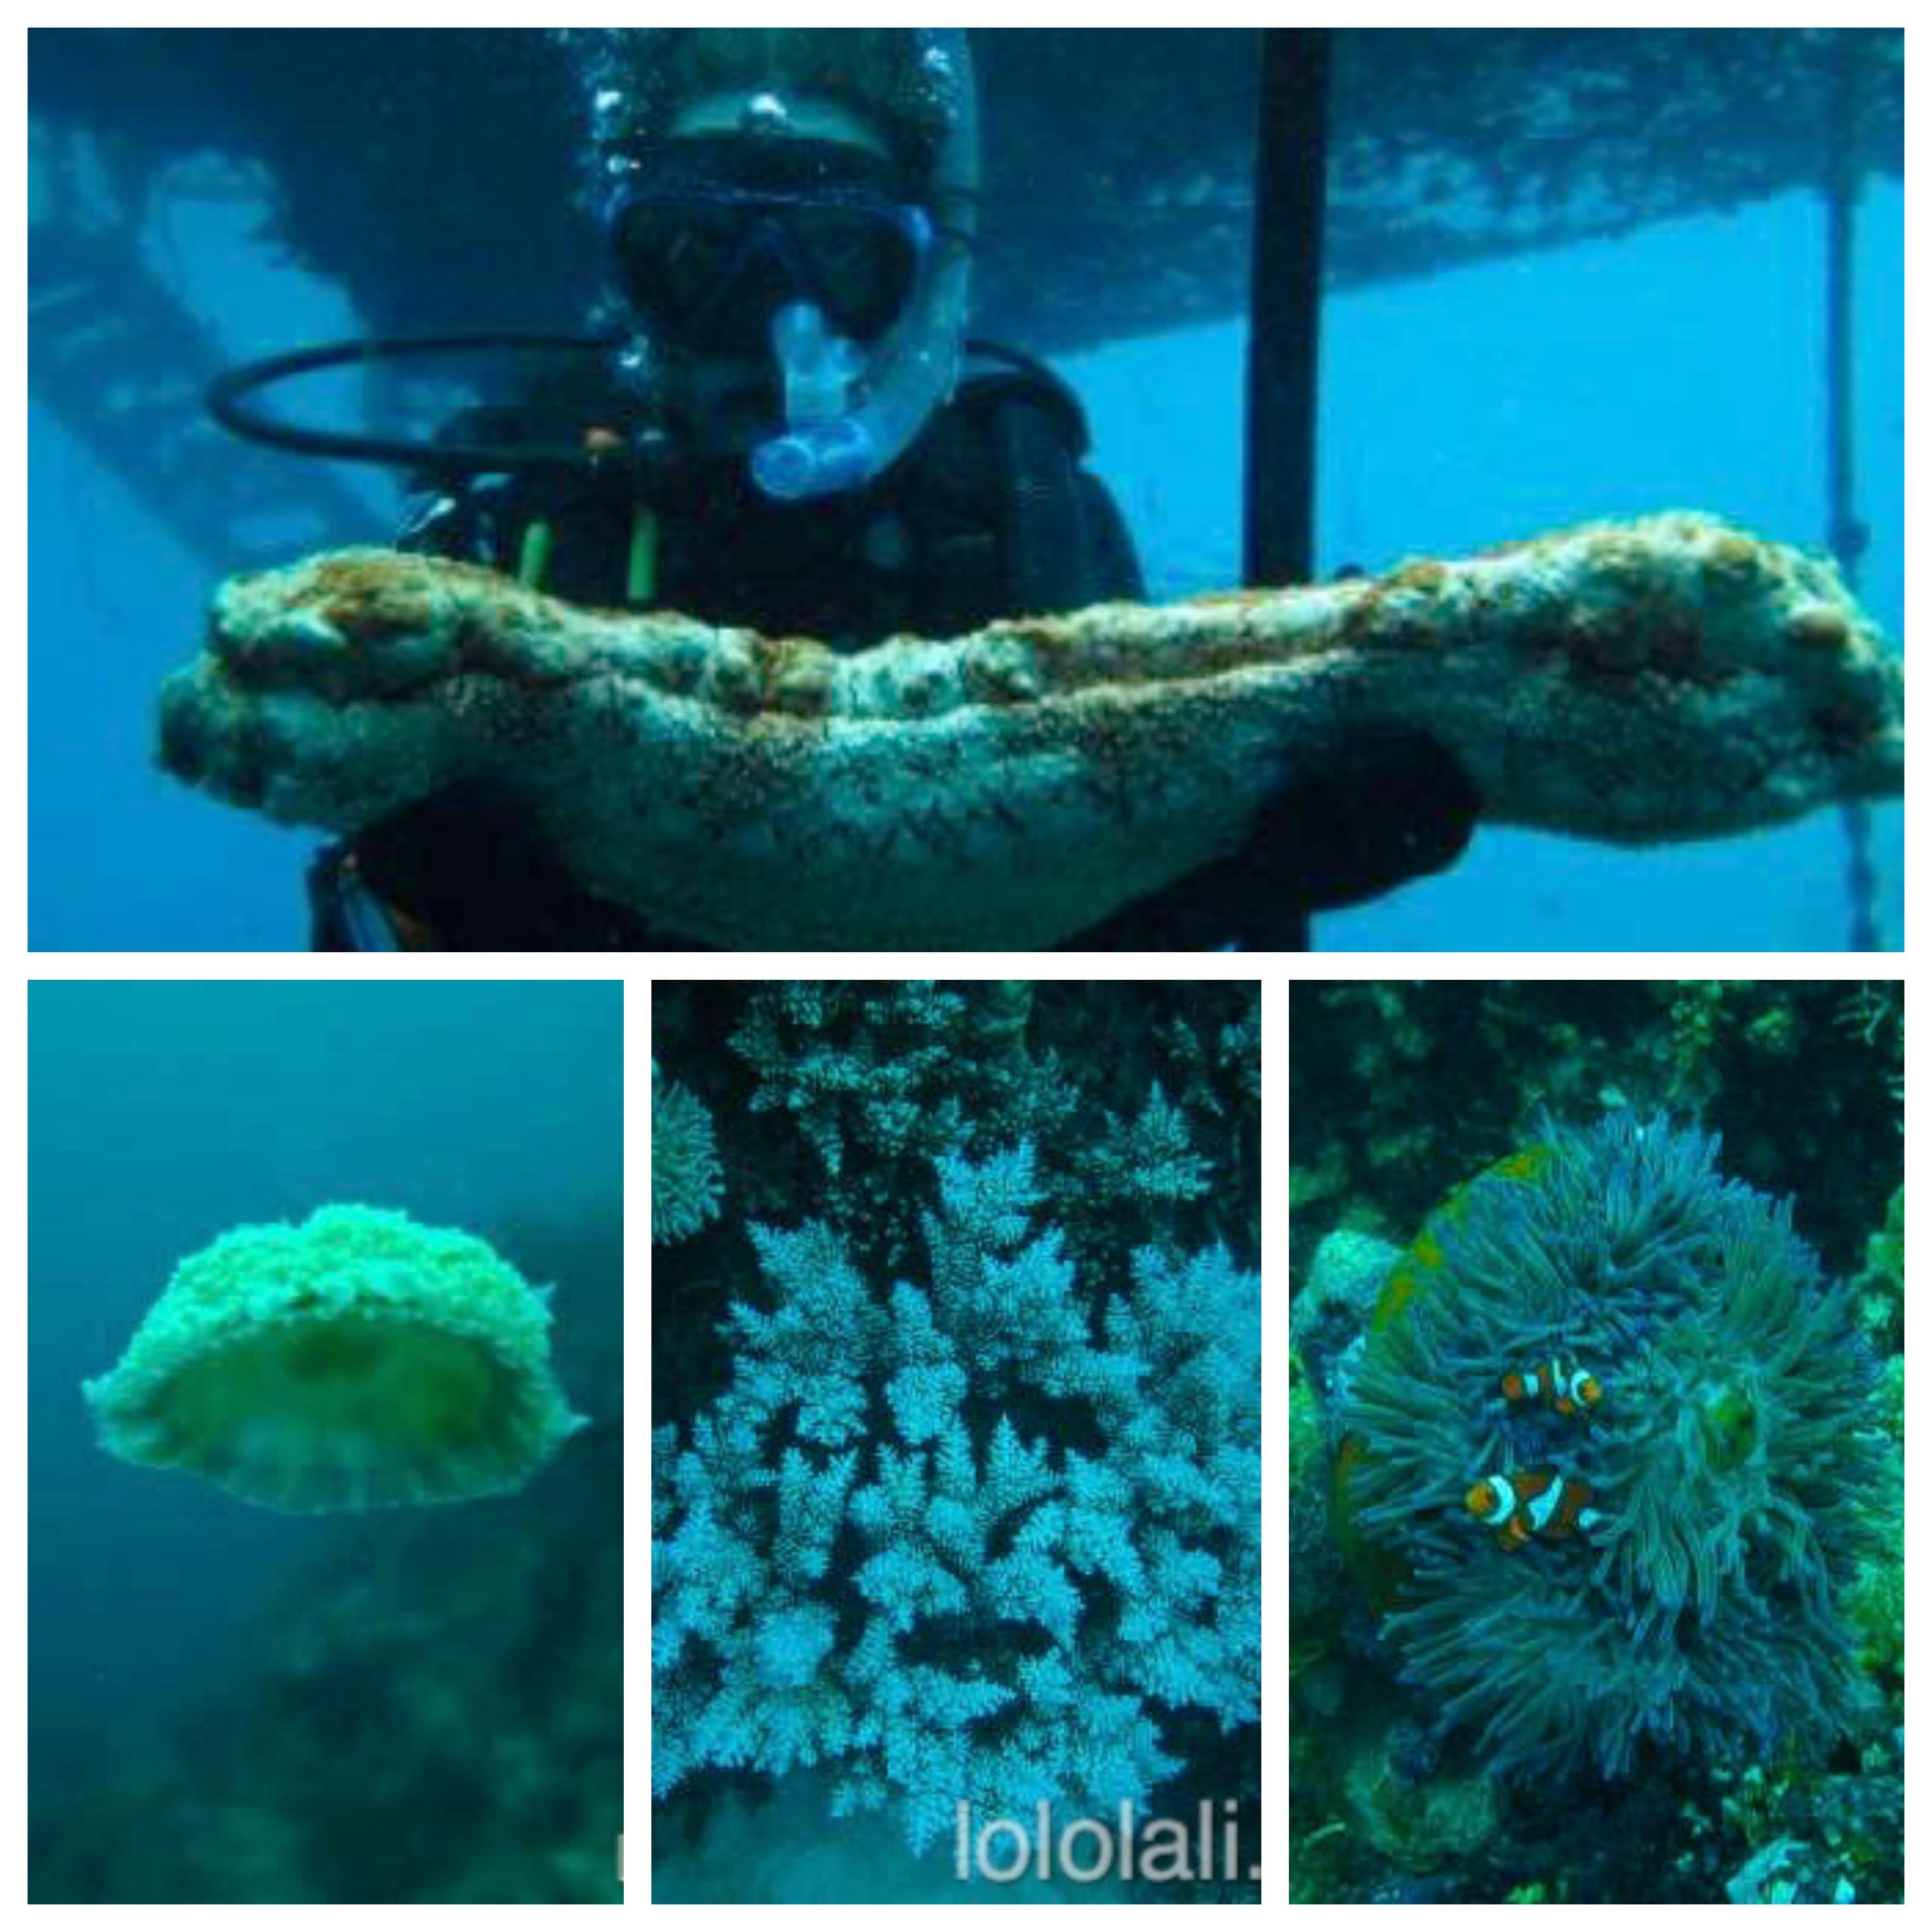 Lali buceando en la Gran Barrera de Coral, Australia, Oceanía